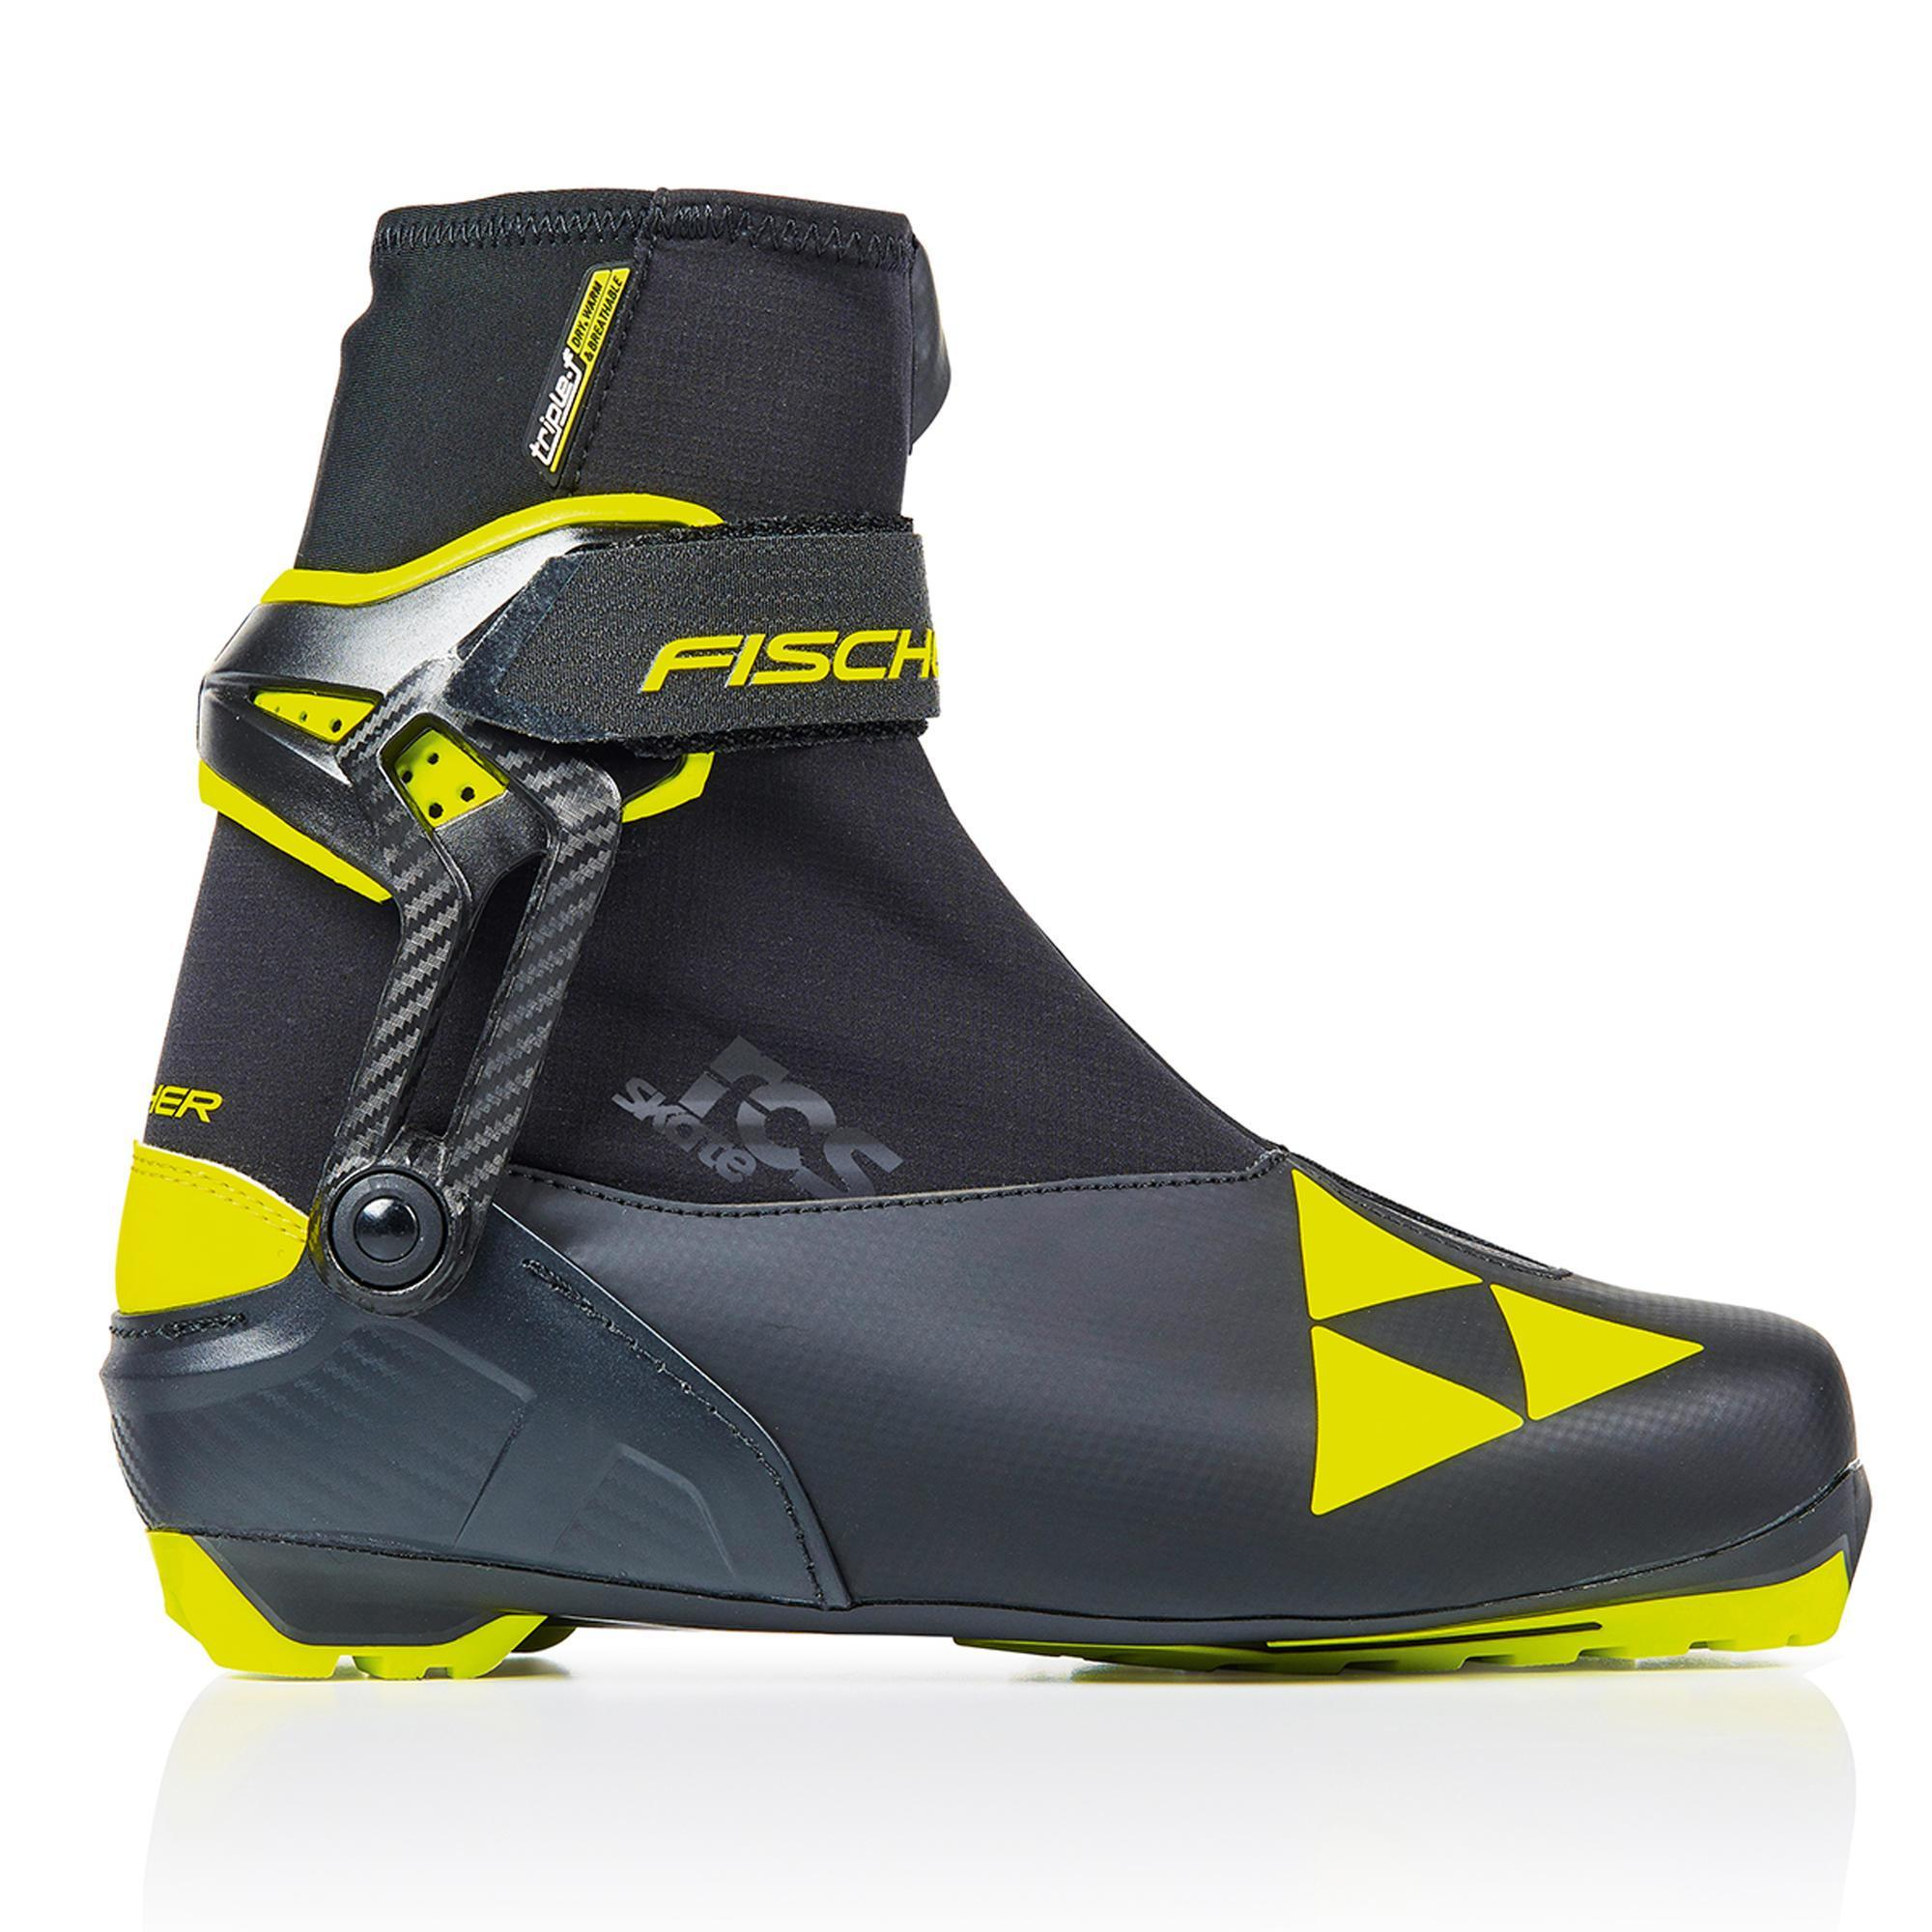 Chaussures de ski de fond skating RCS SKATE NNN - ADULTE - Fischer